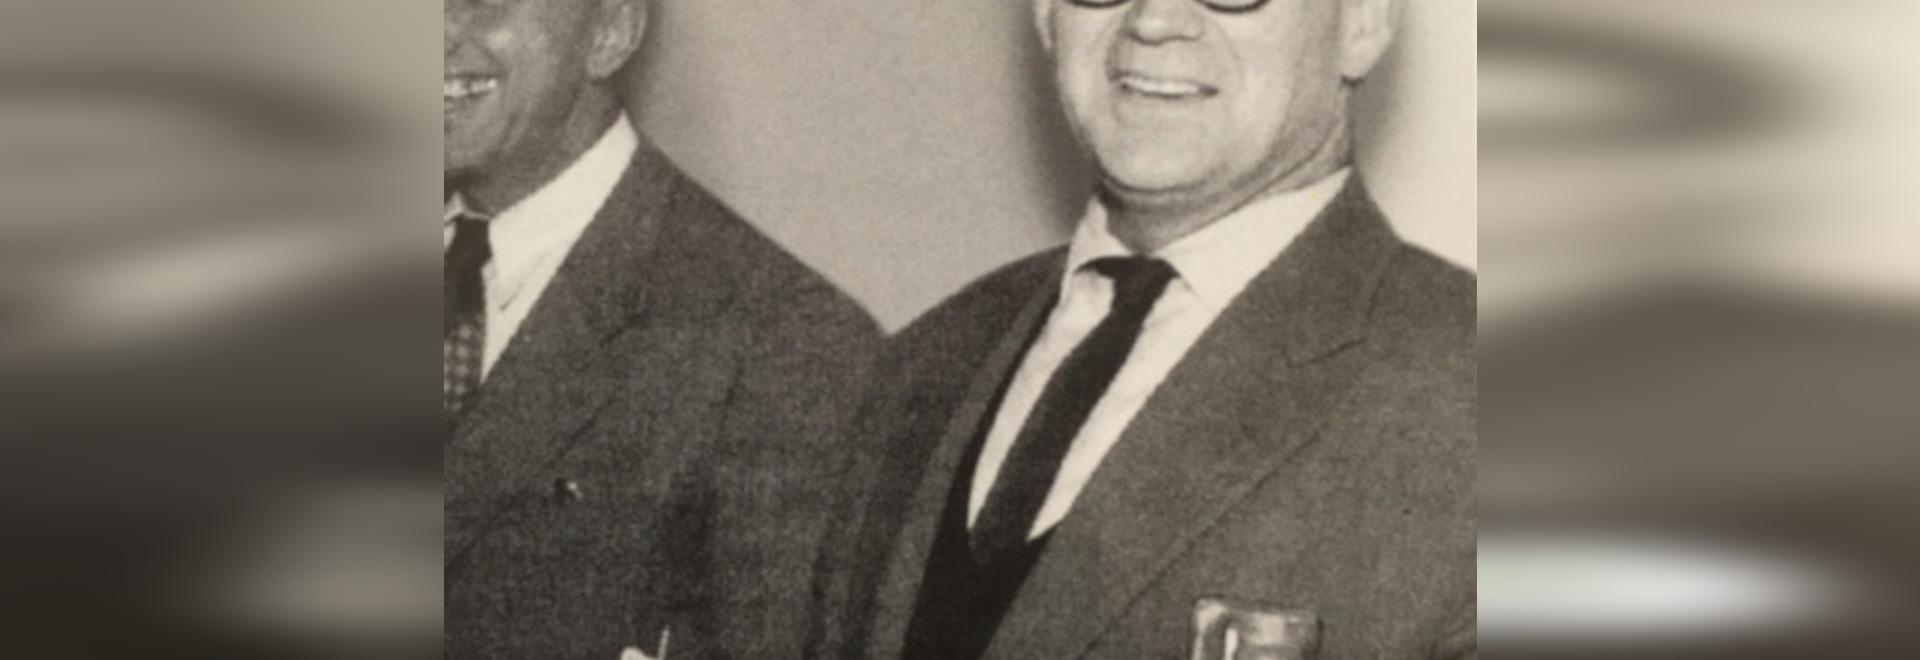 Herbert Hirche (1910-2002), arquitecto y estudiante de la Bauhaus, no sólo dio forma al desarrollo de productos en Wilkhahn en las décadas de 1950 y 1960, sino también a la planta de Wilkhahn con e...